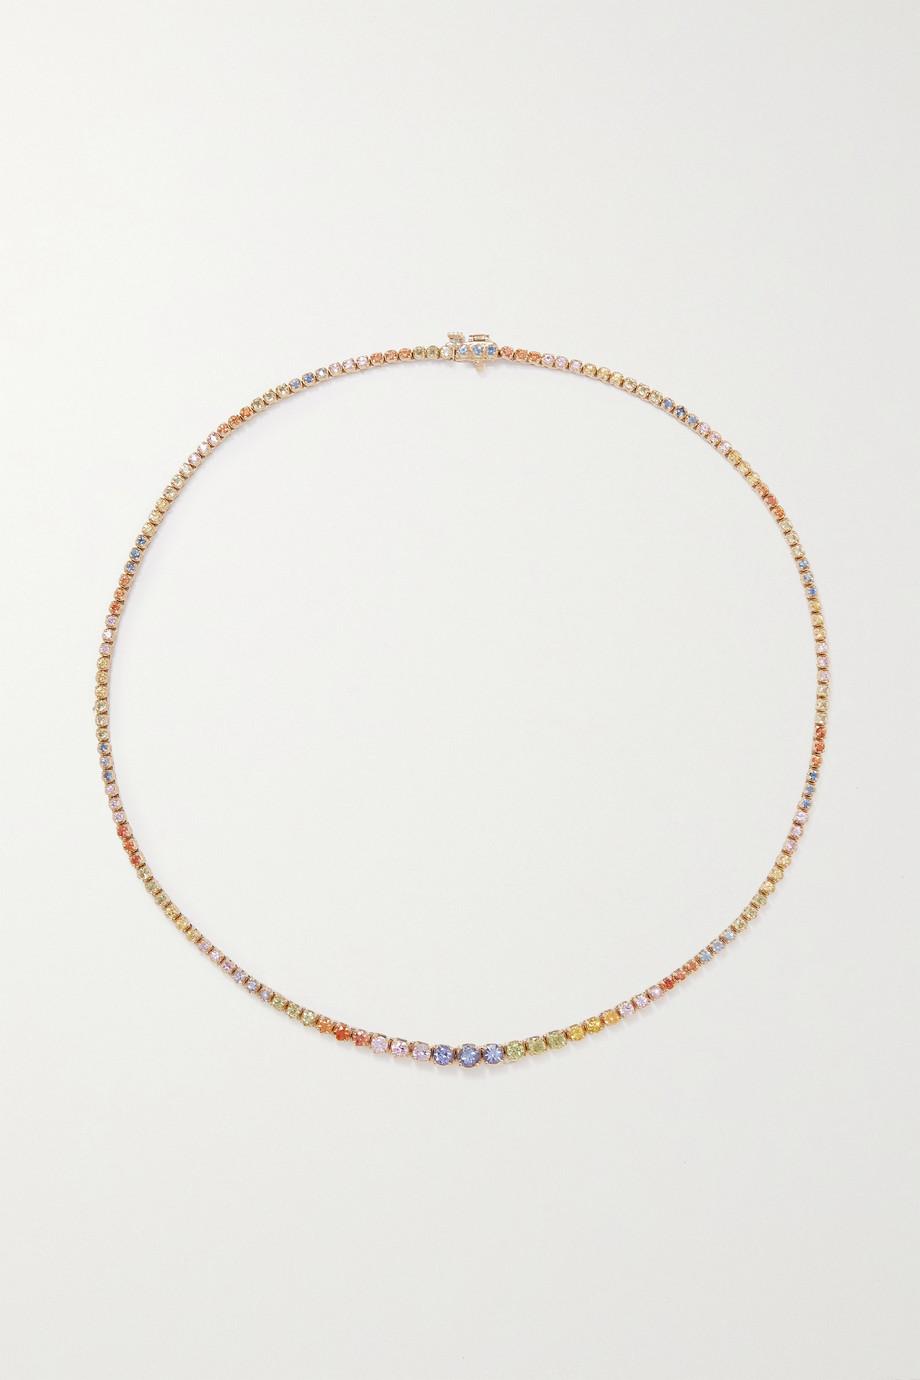 STONE AND STRAND Rainbow Bright Kette aus 10 Karat Gold mit mehreren Steinen